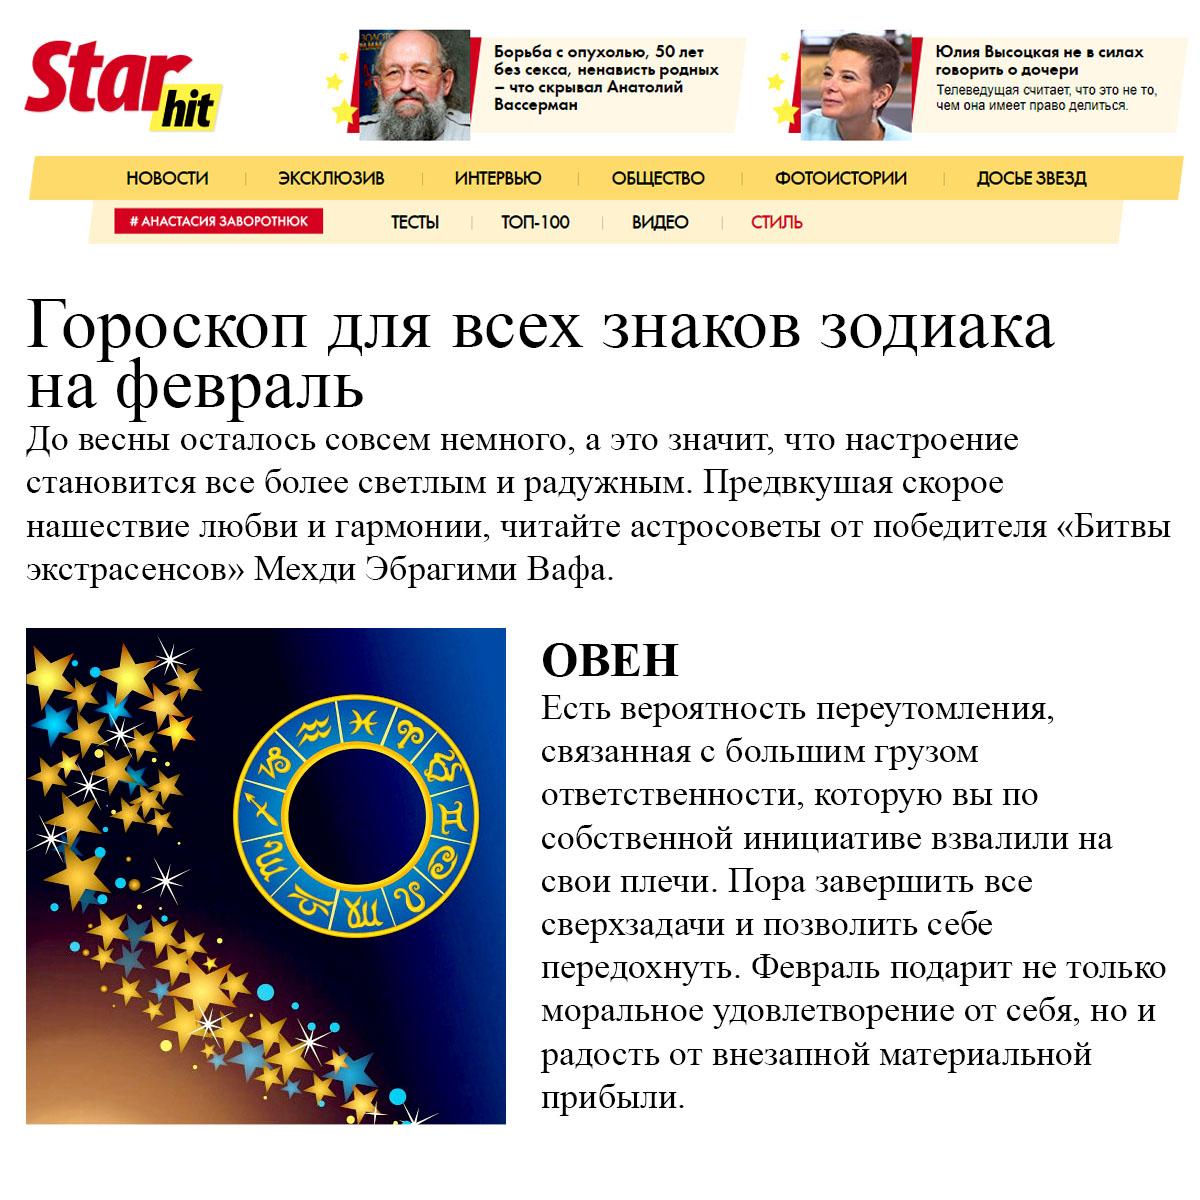 Гороскоп для всех знаков зодиака на февраль от победителя Битвы Экстрасенсов Мехди